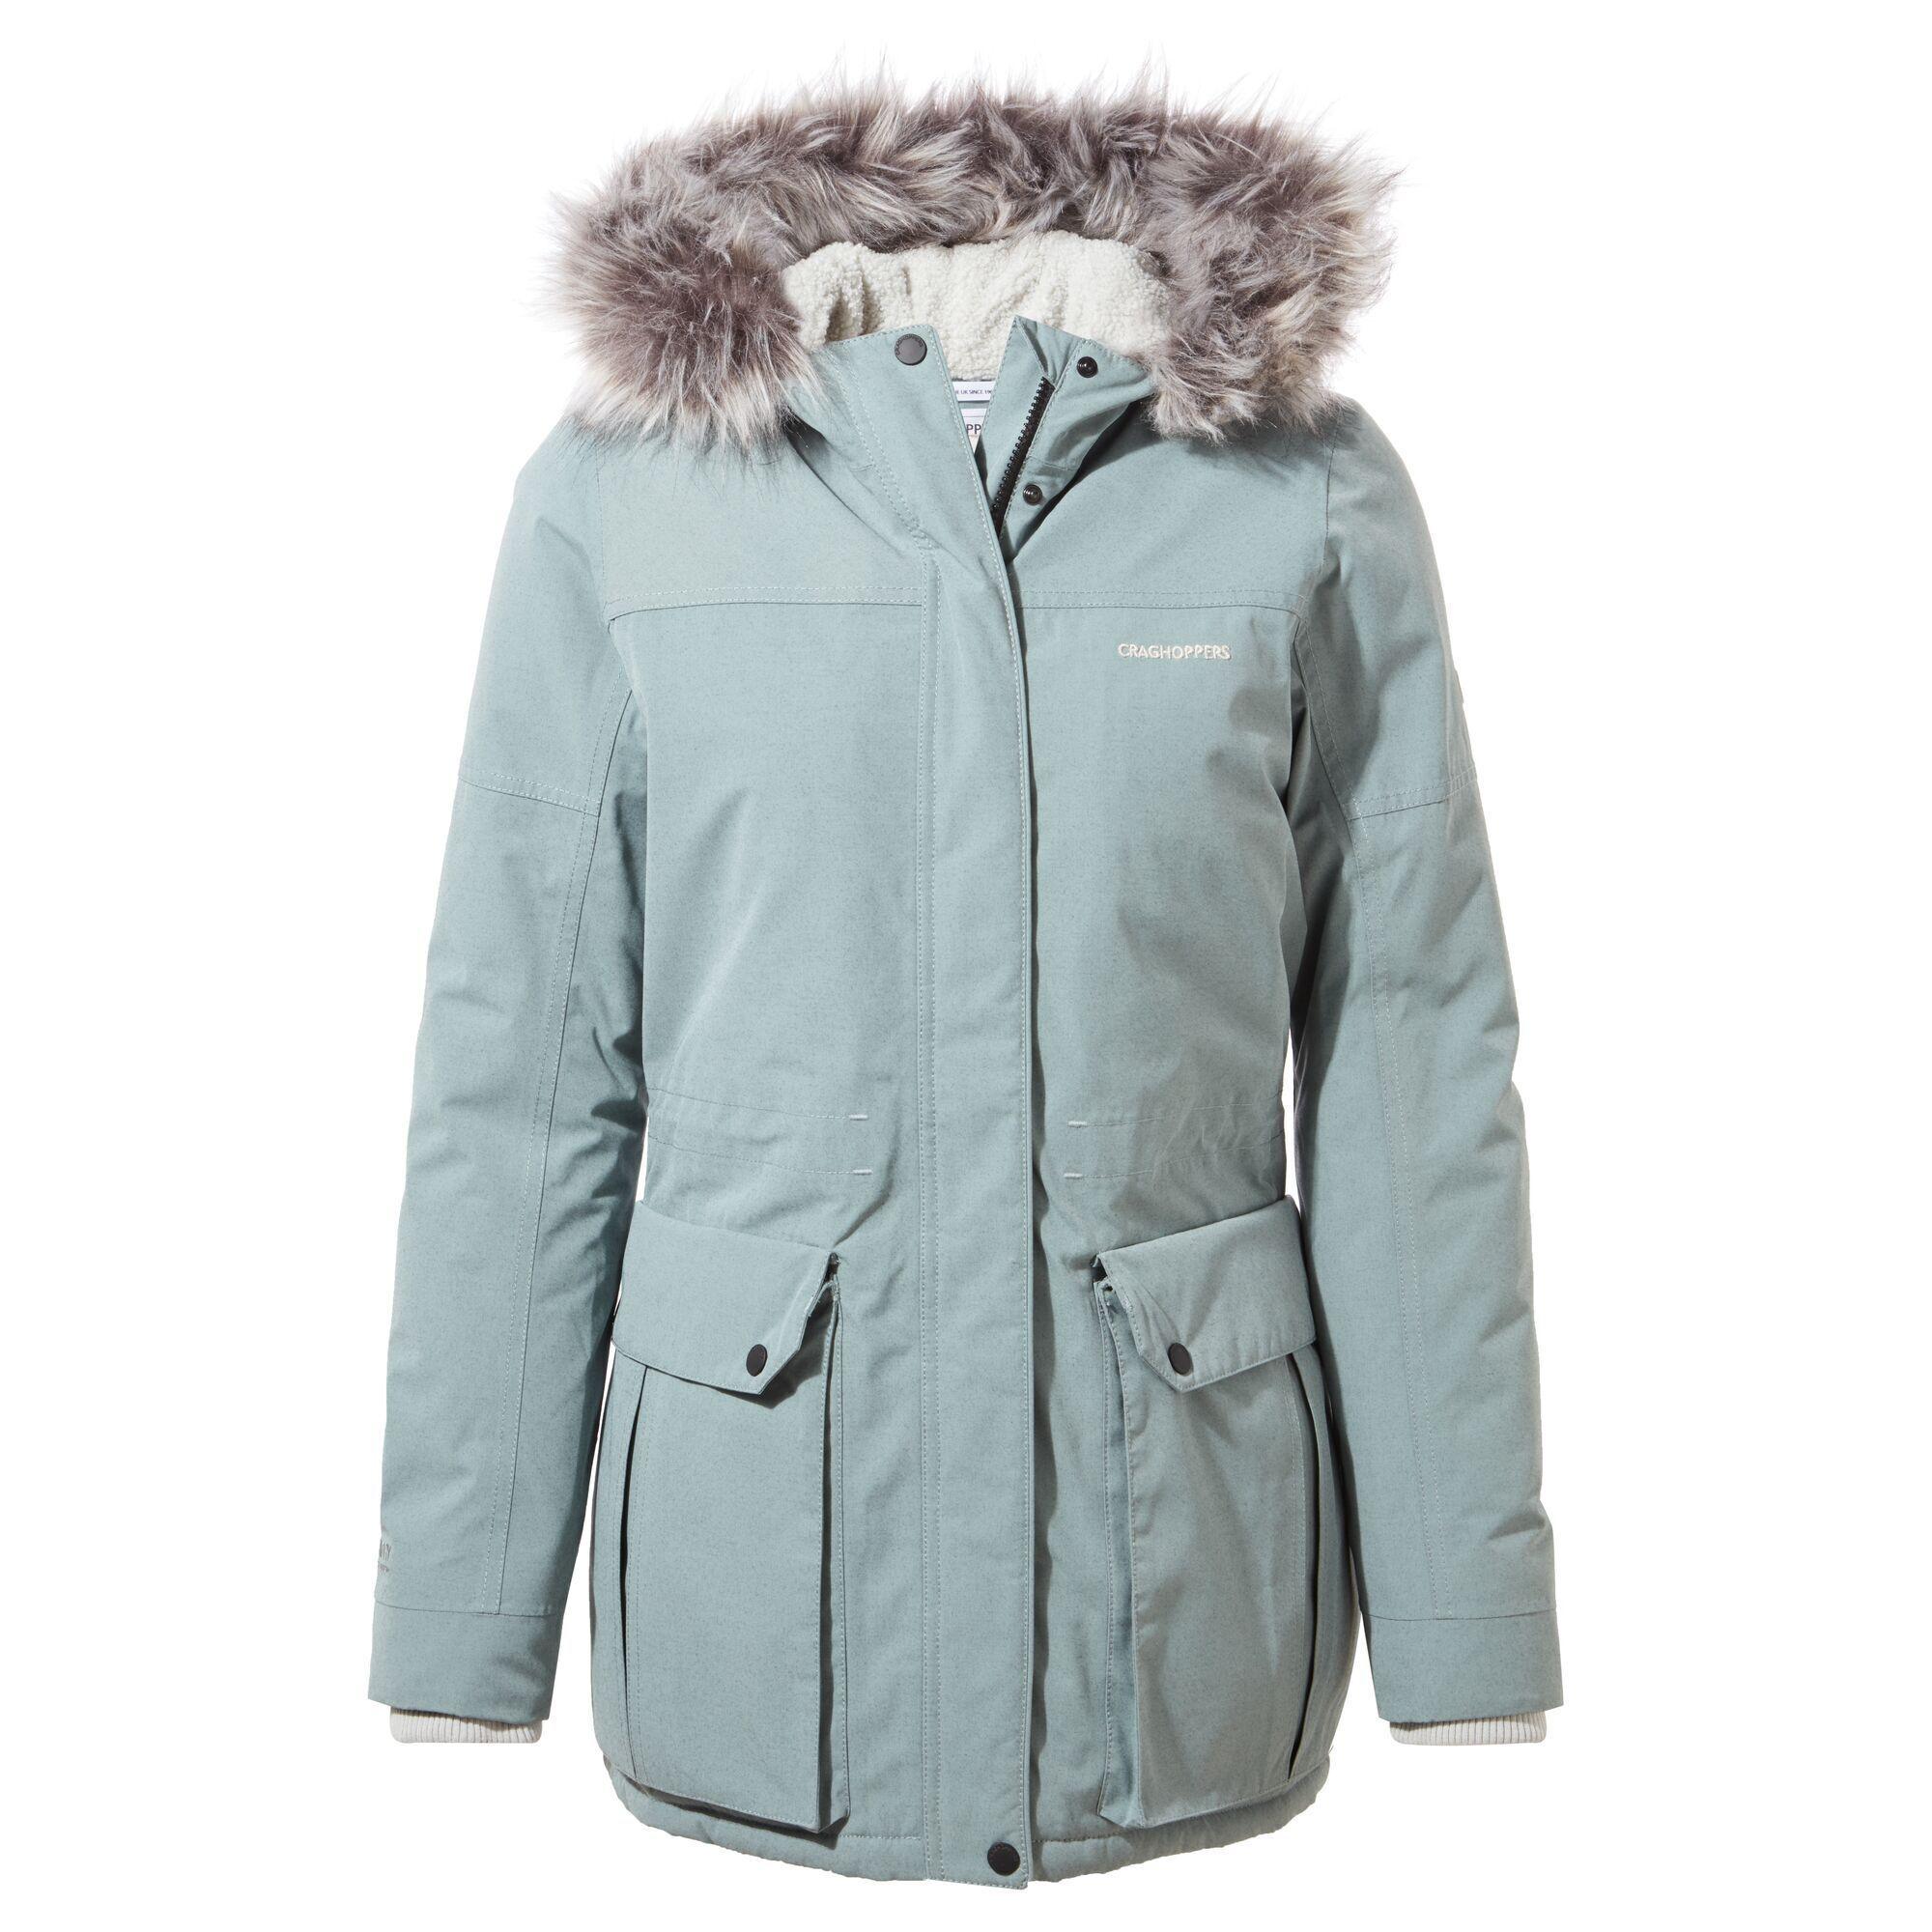 Craghoppers Womens/Ladies Elison Waterproof Jacket (10 UK) (Stormy Sea)